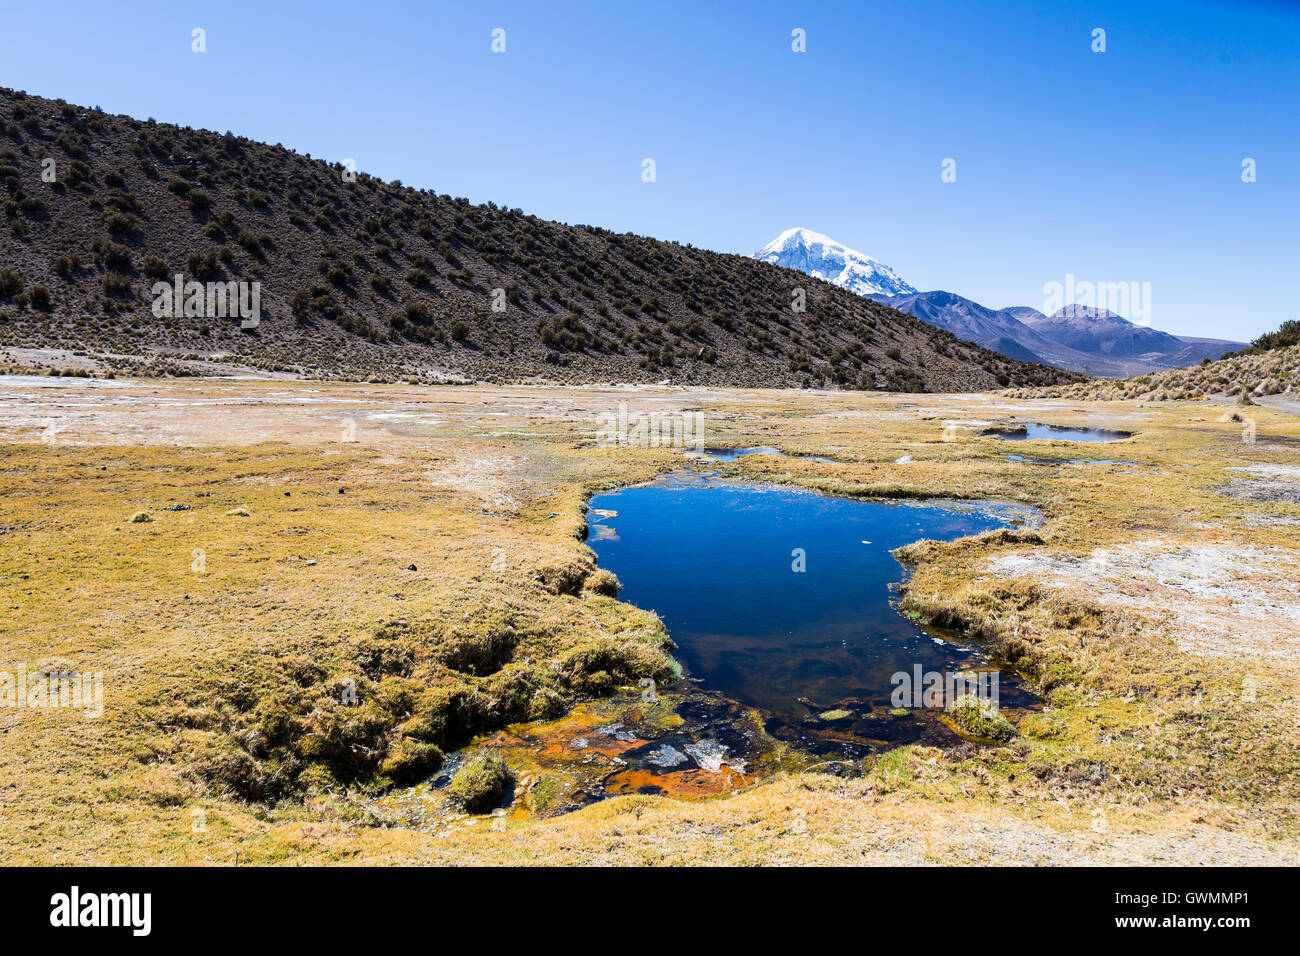 Communauté andine des geysers. Junthuma geysers, formé par l'activité géothermique. La Bolivie. Photo Stock